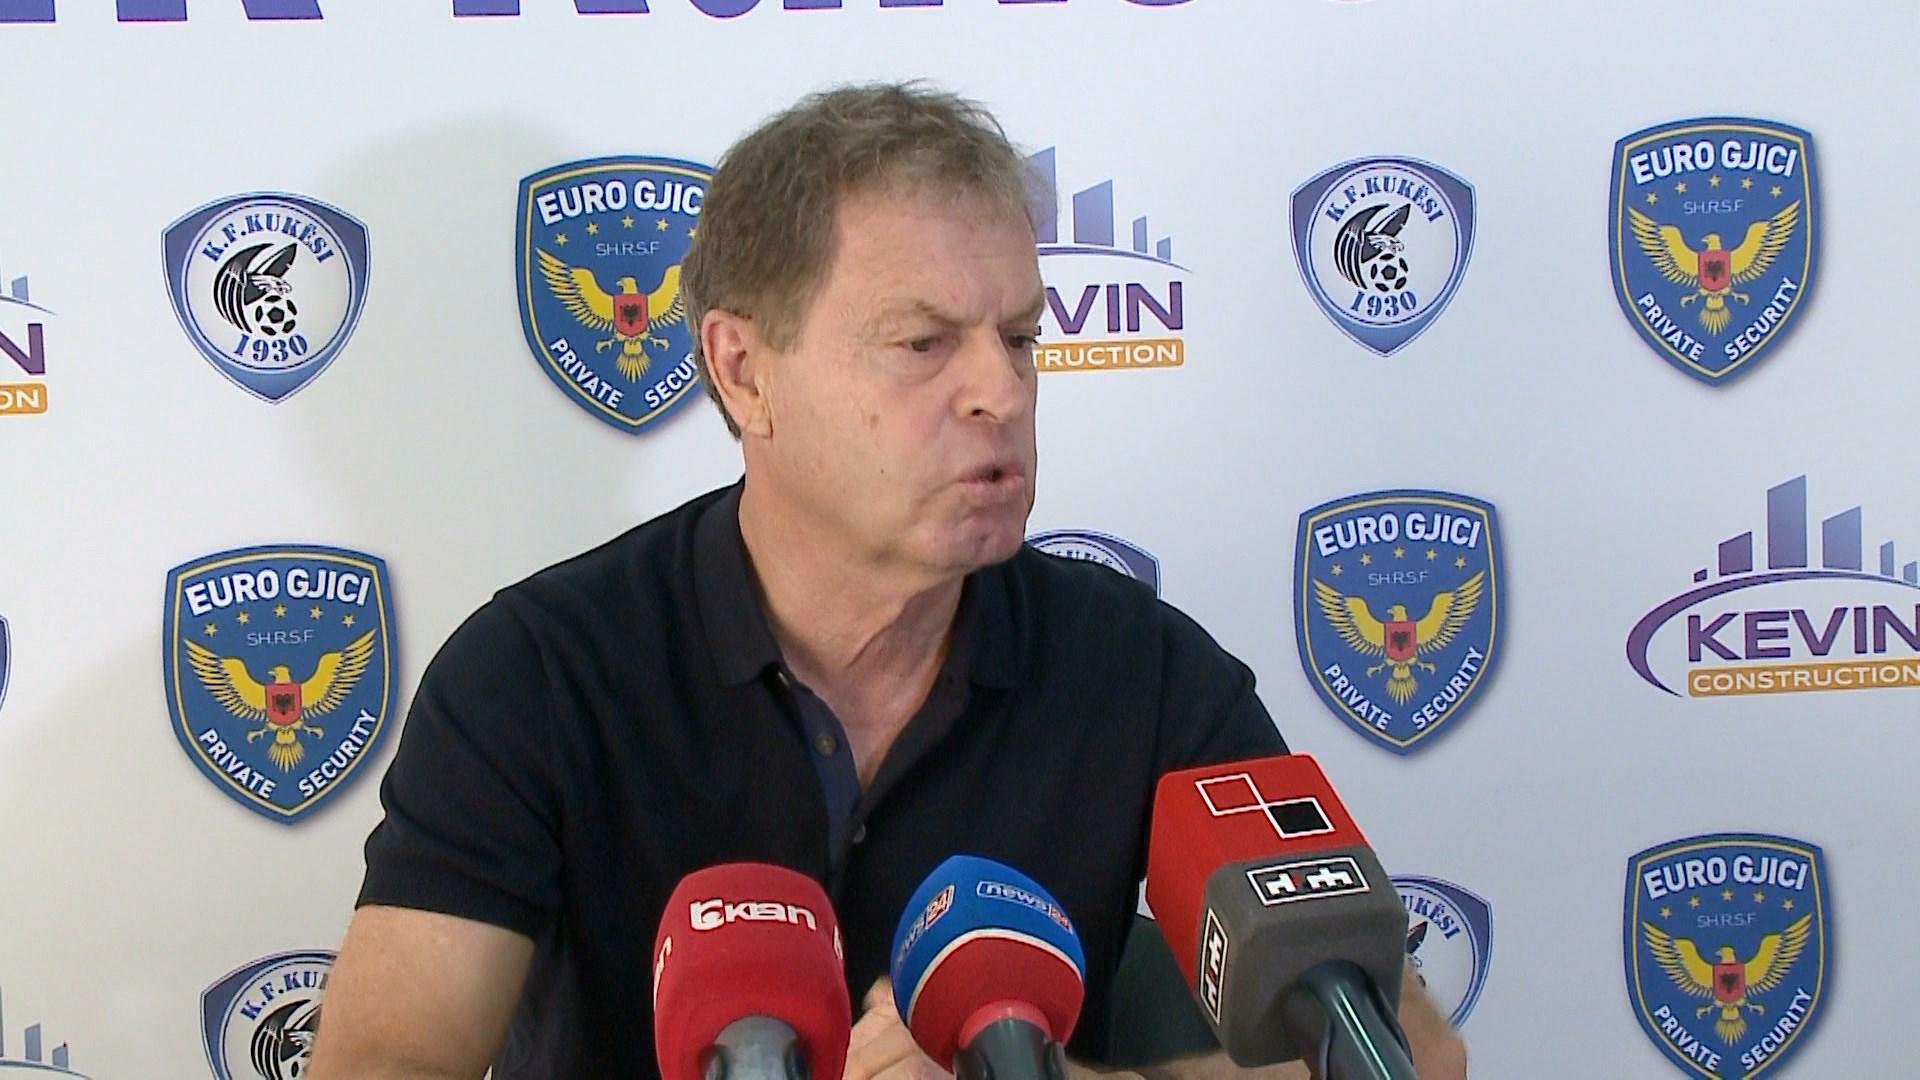 Jo e lehtë nisja e Superligës ndaj Partizanit, por Kukësi ka besim